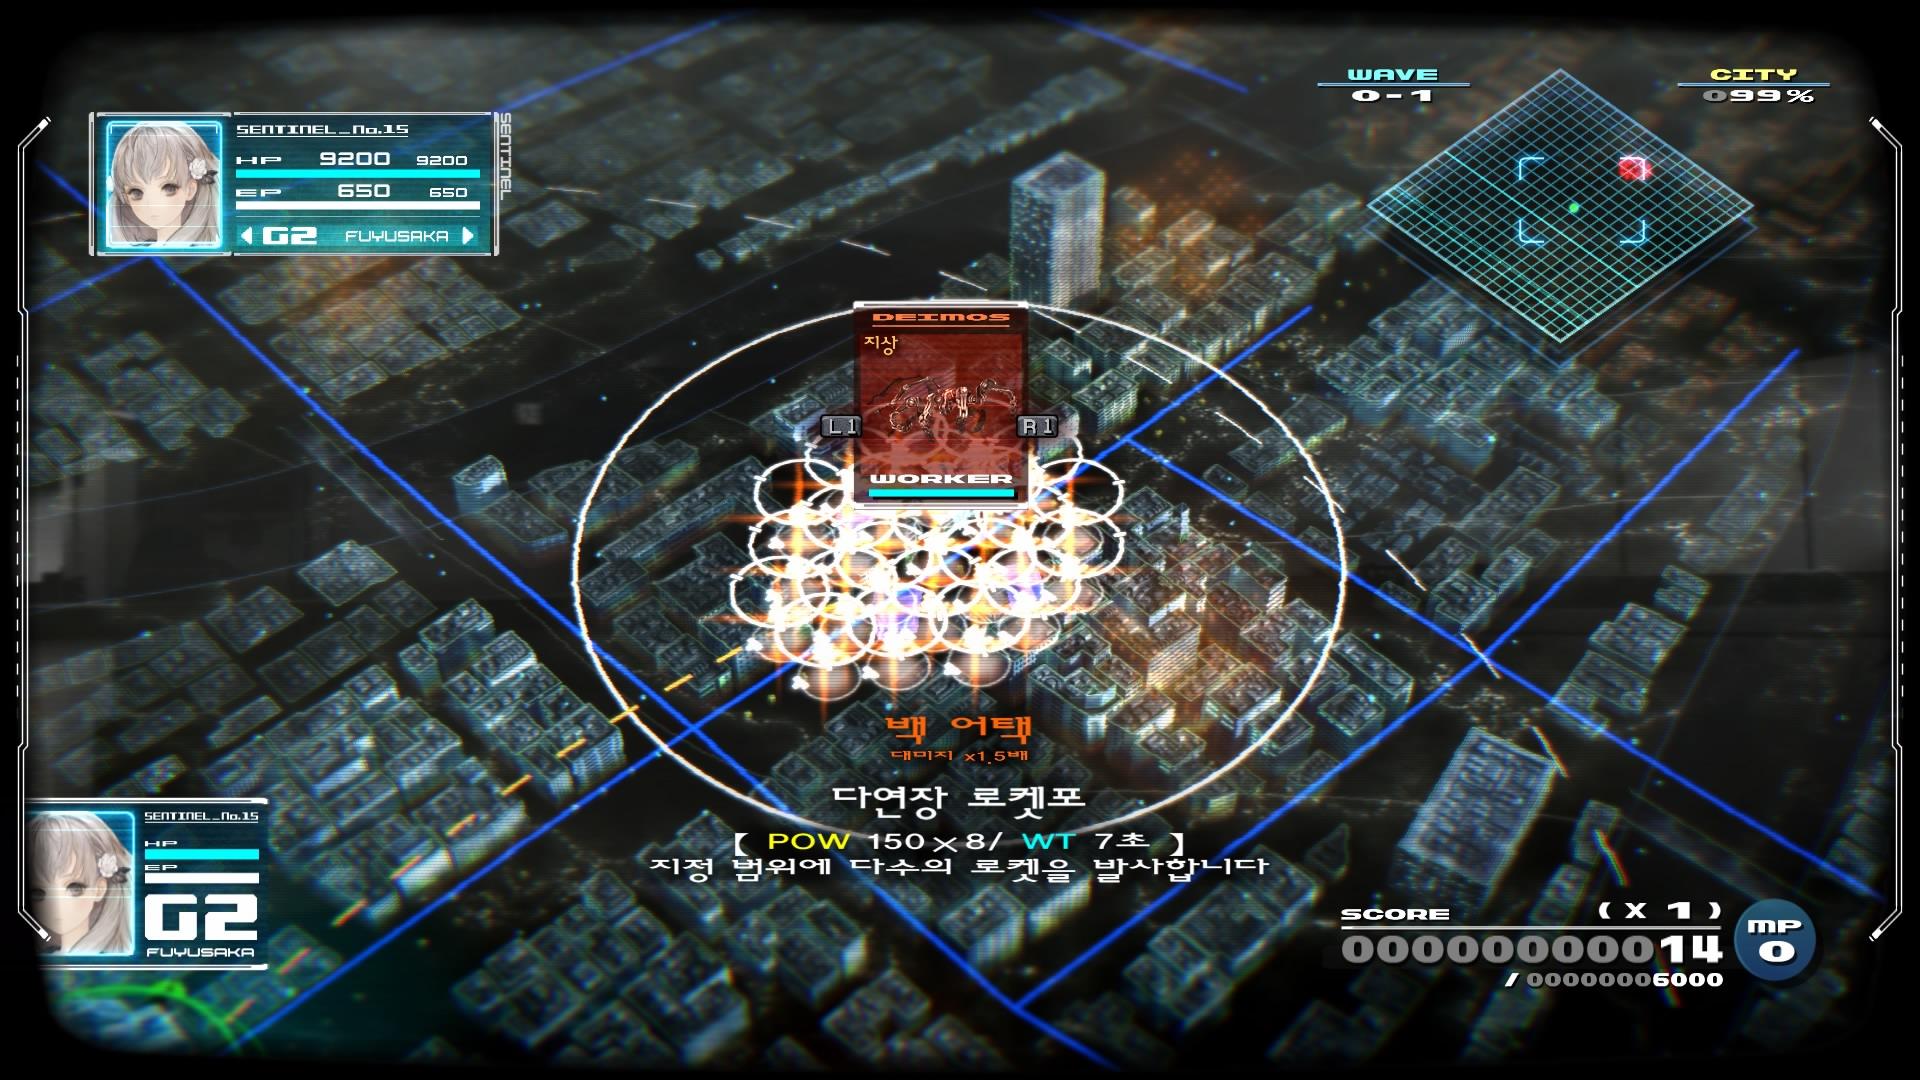 13기병방위권 체험판_20200321025606.jpg